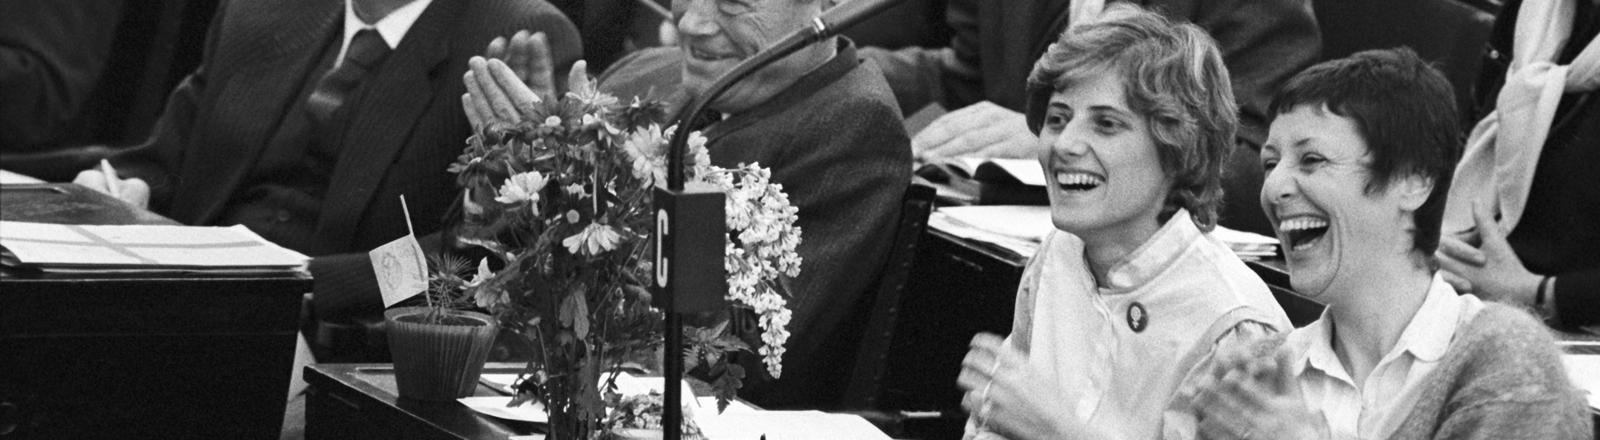 Am 29. März 1983 ziehen die Grünen erstmals in den Bundestag: Petra Kelly und Marieluise Beck auf der Abgeordnetenbank.